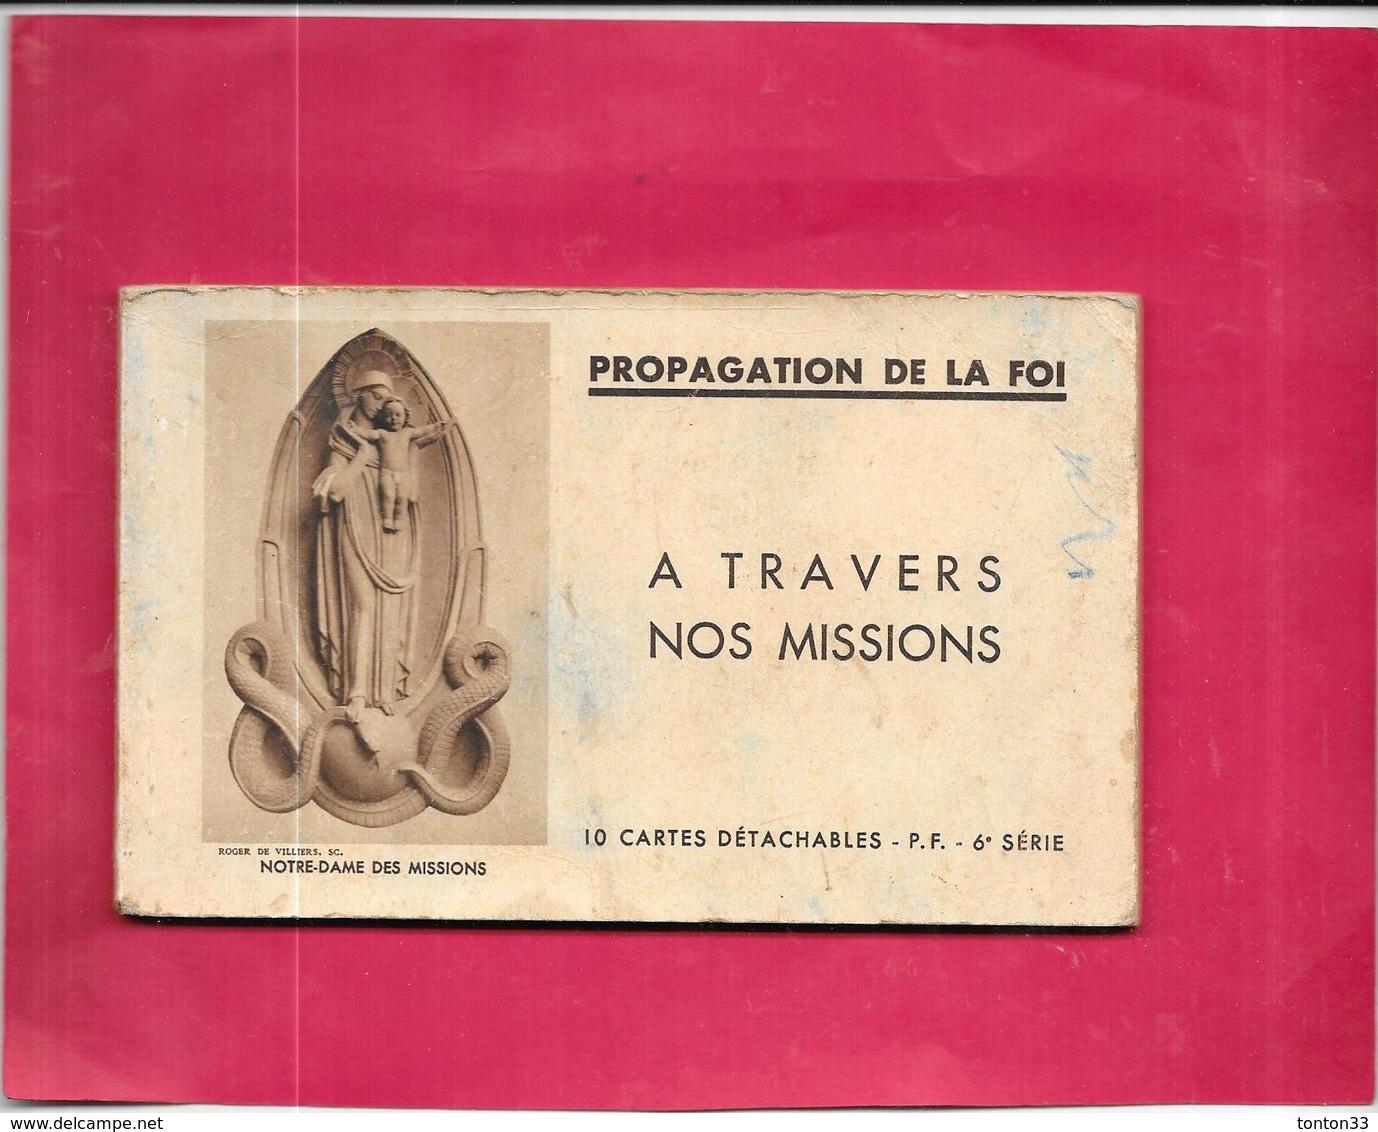 ASIE - CARNET De 9 Cartes - PROPAGATION DE LA FOI - A TRAVERS NOS MISSIONS 6ème Série - DELC7 - - Cartes Postales